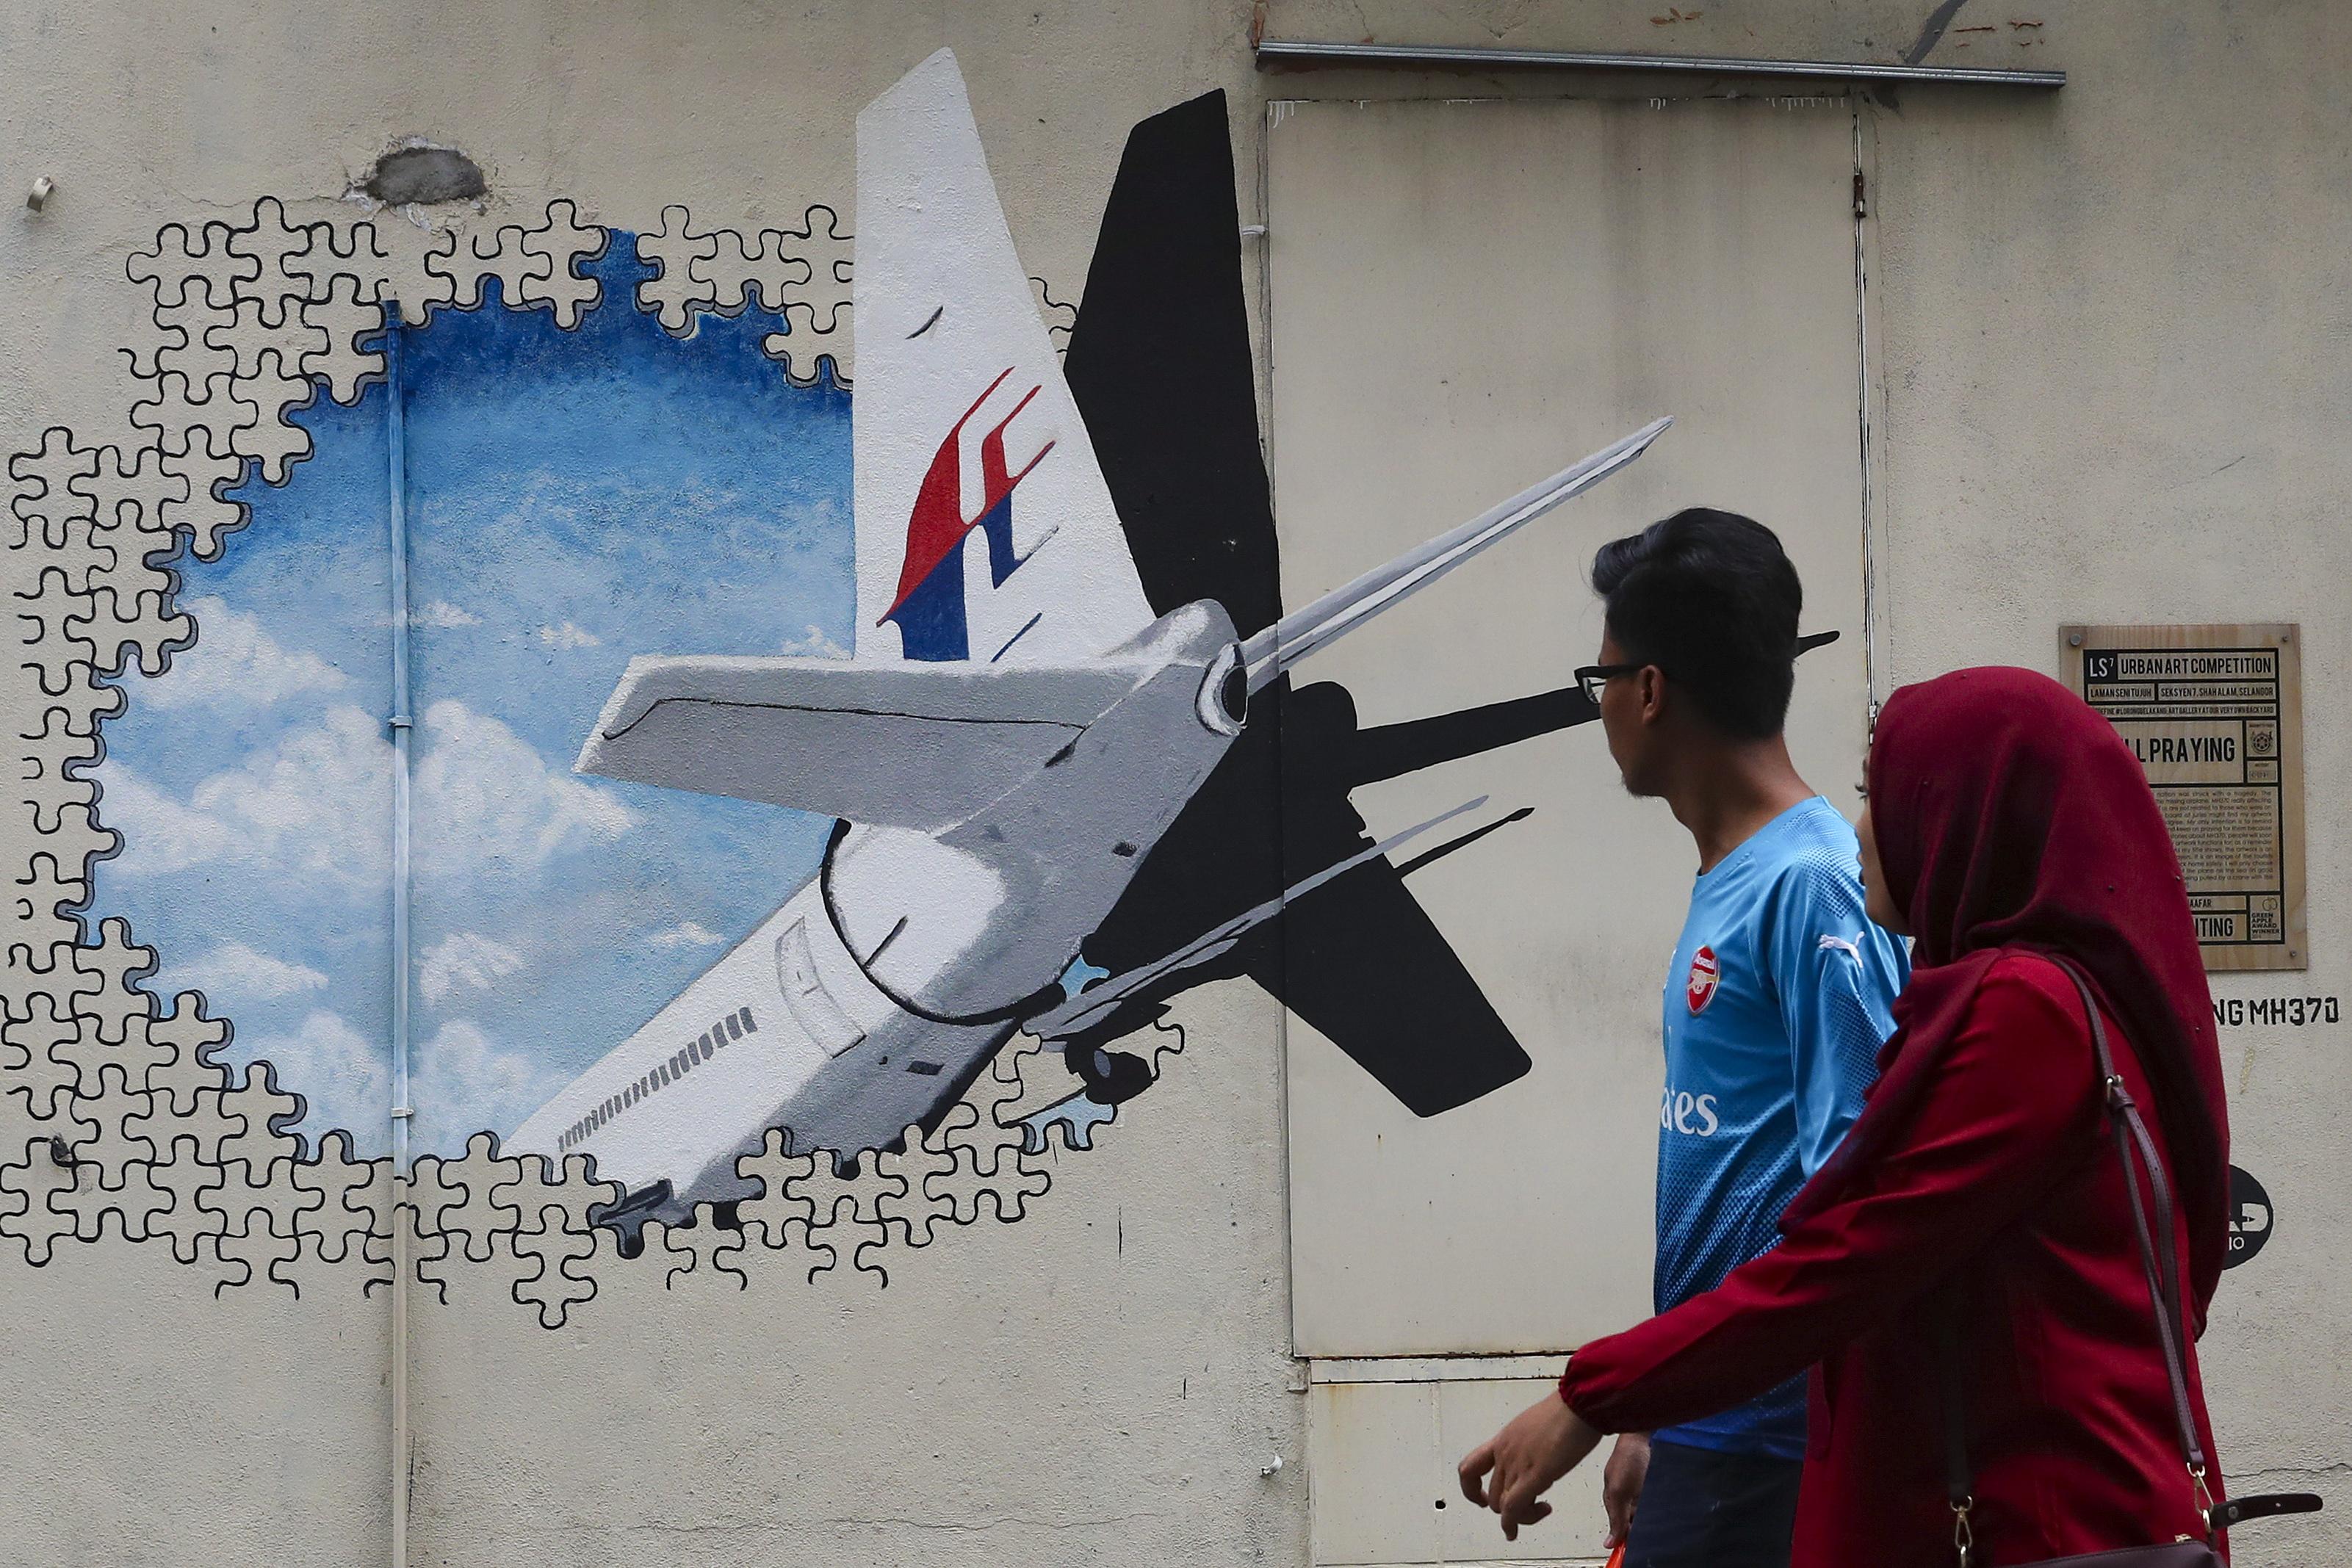 pente-chronia-mystirio-gia-tin-exafanisi-tis-ptisis-mh370-tis-malaysia-airlines0